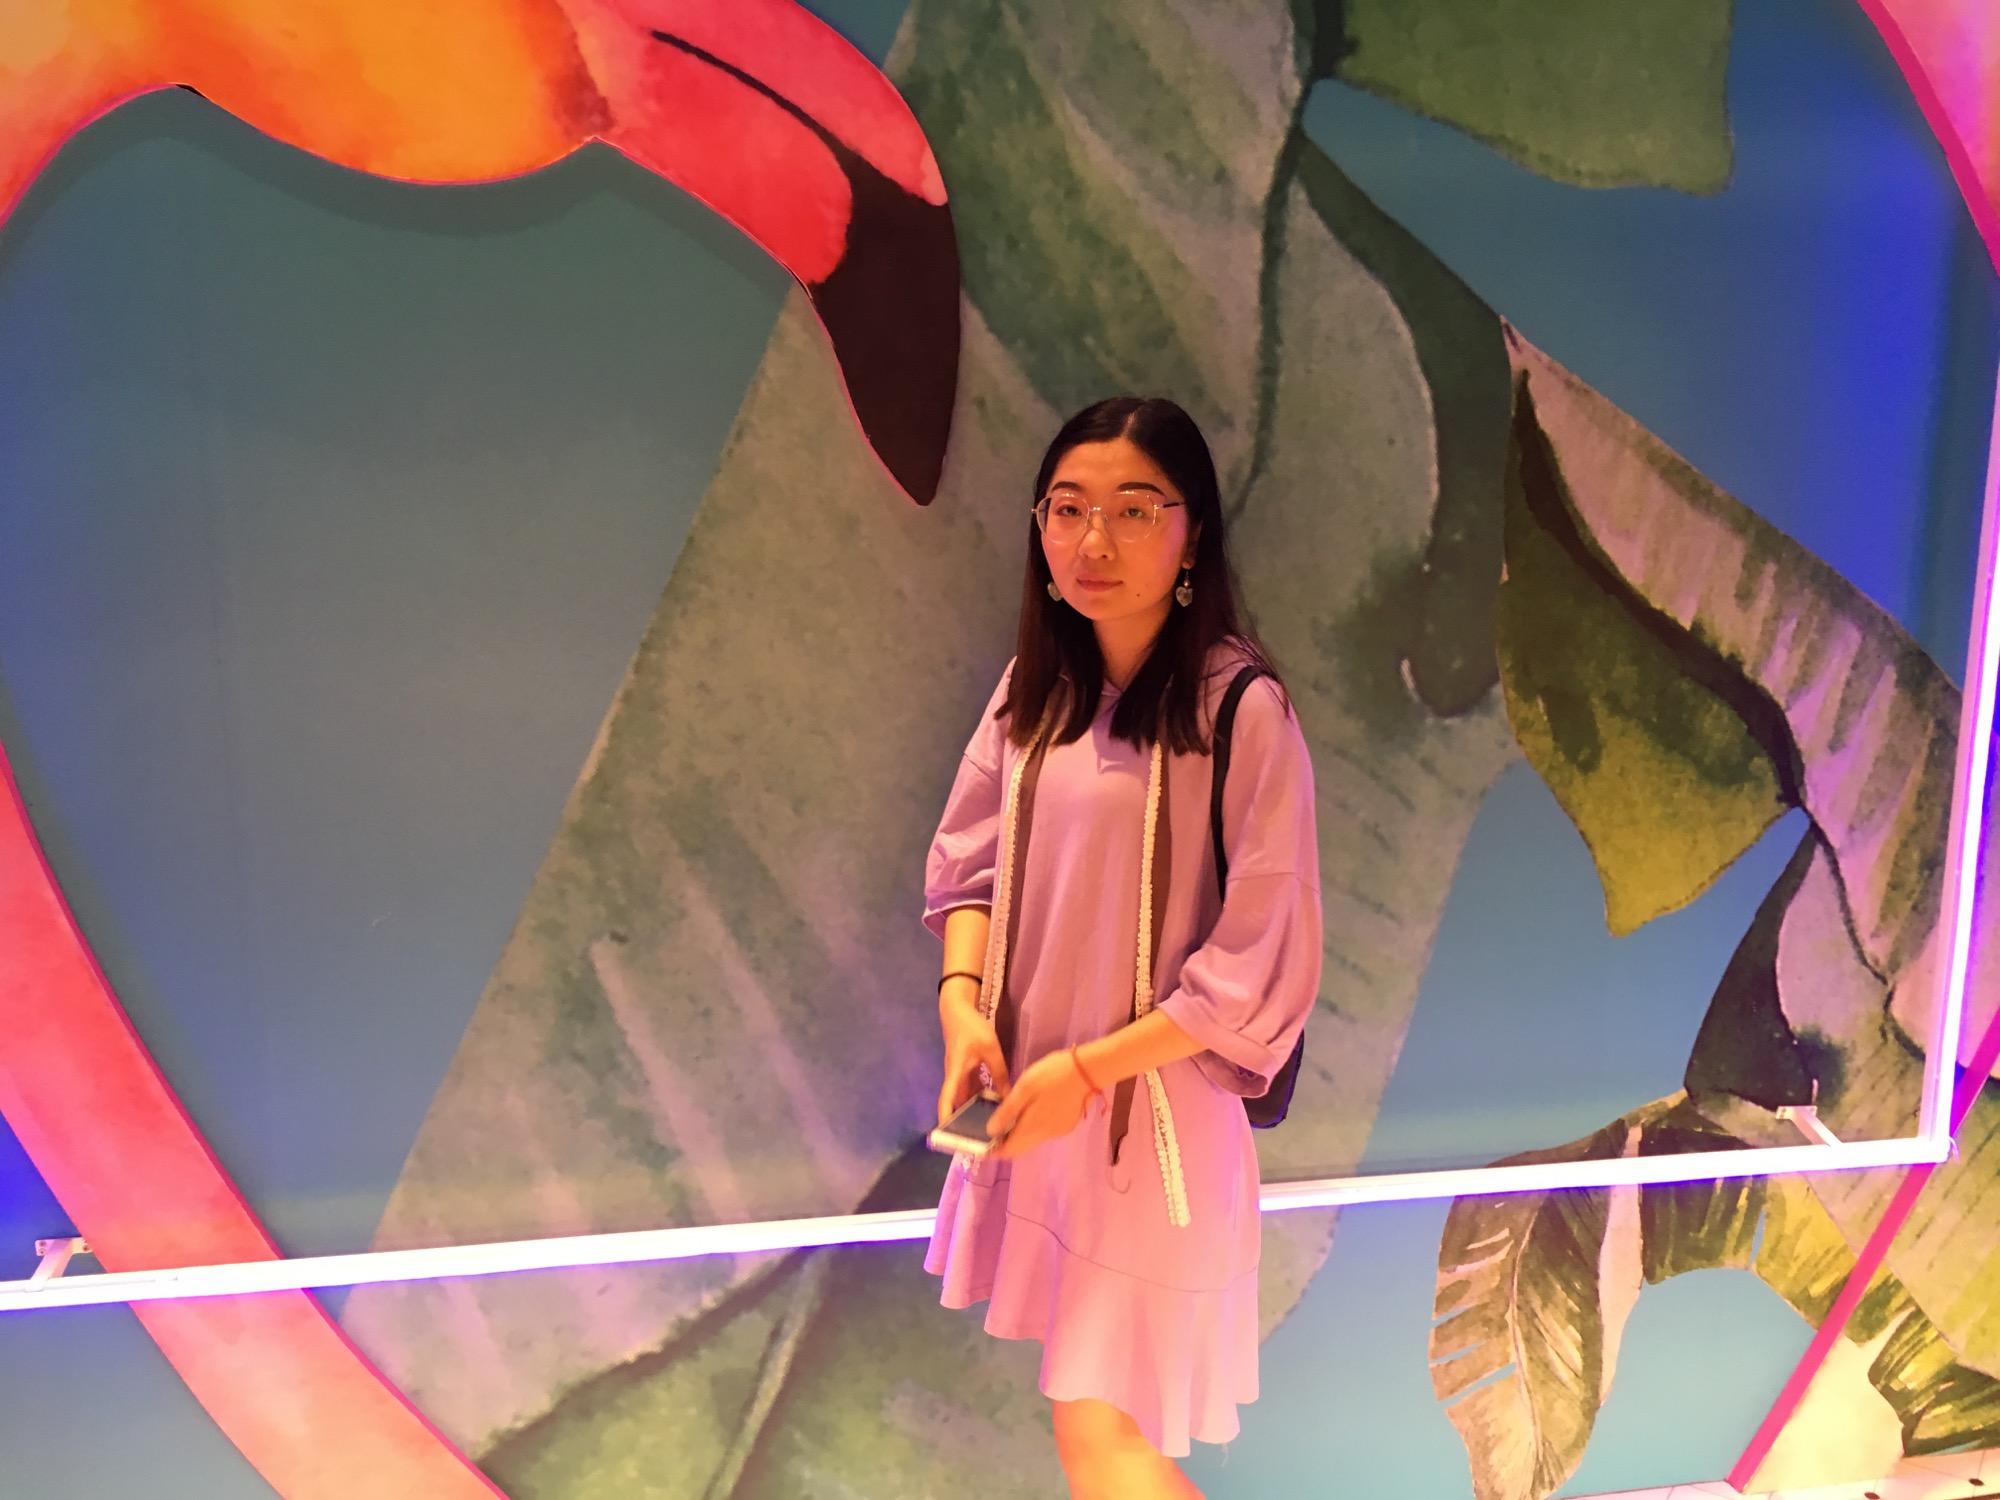 2018年5月,和宝宝一起去K11艺术中心玩